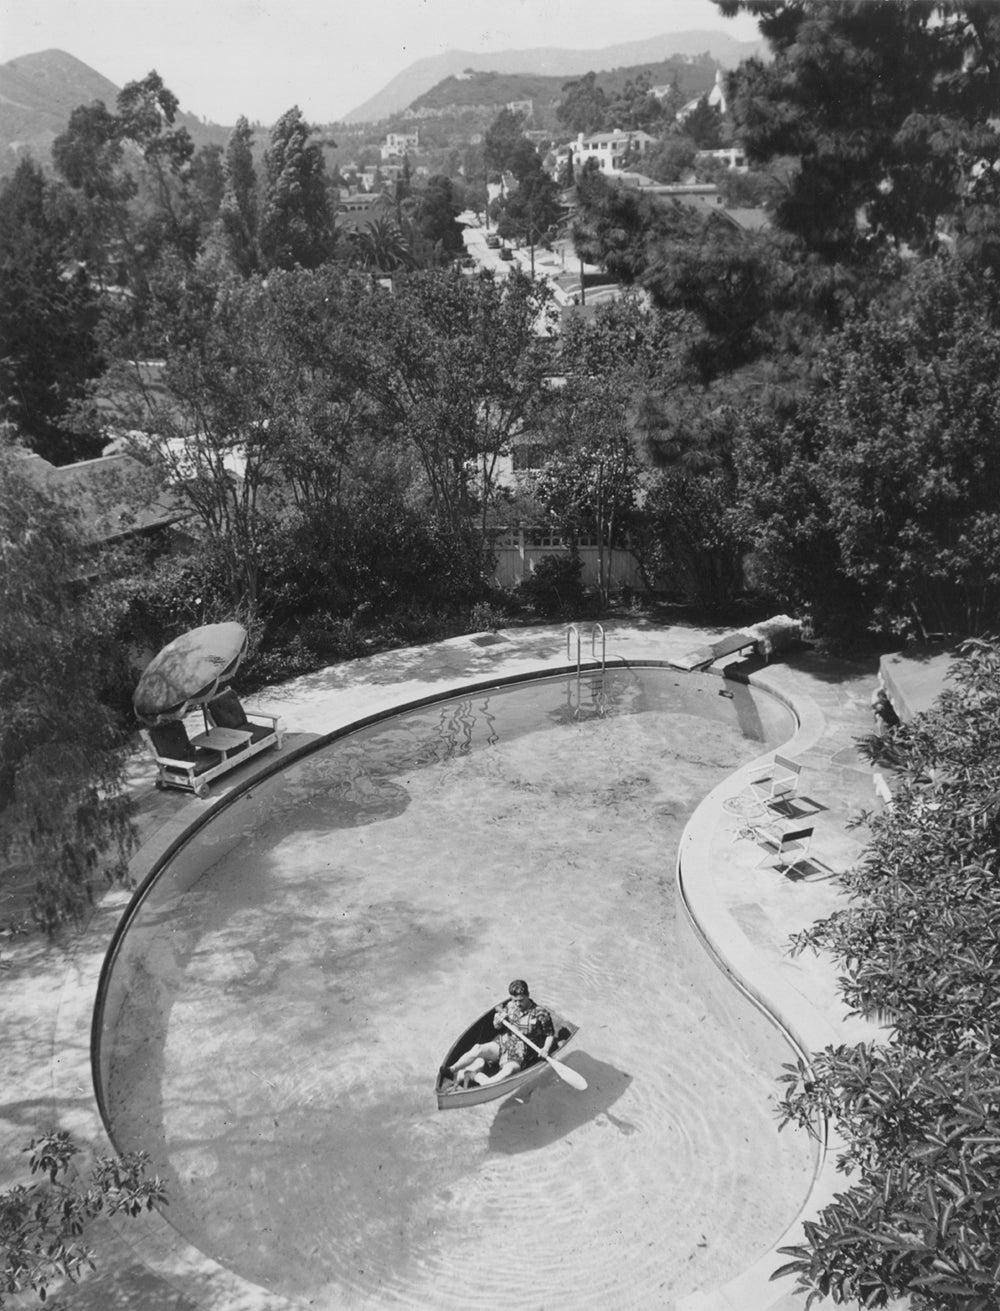 Preston Surges in Los Angeles, 1944